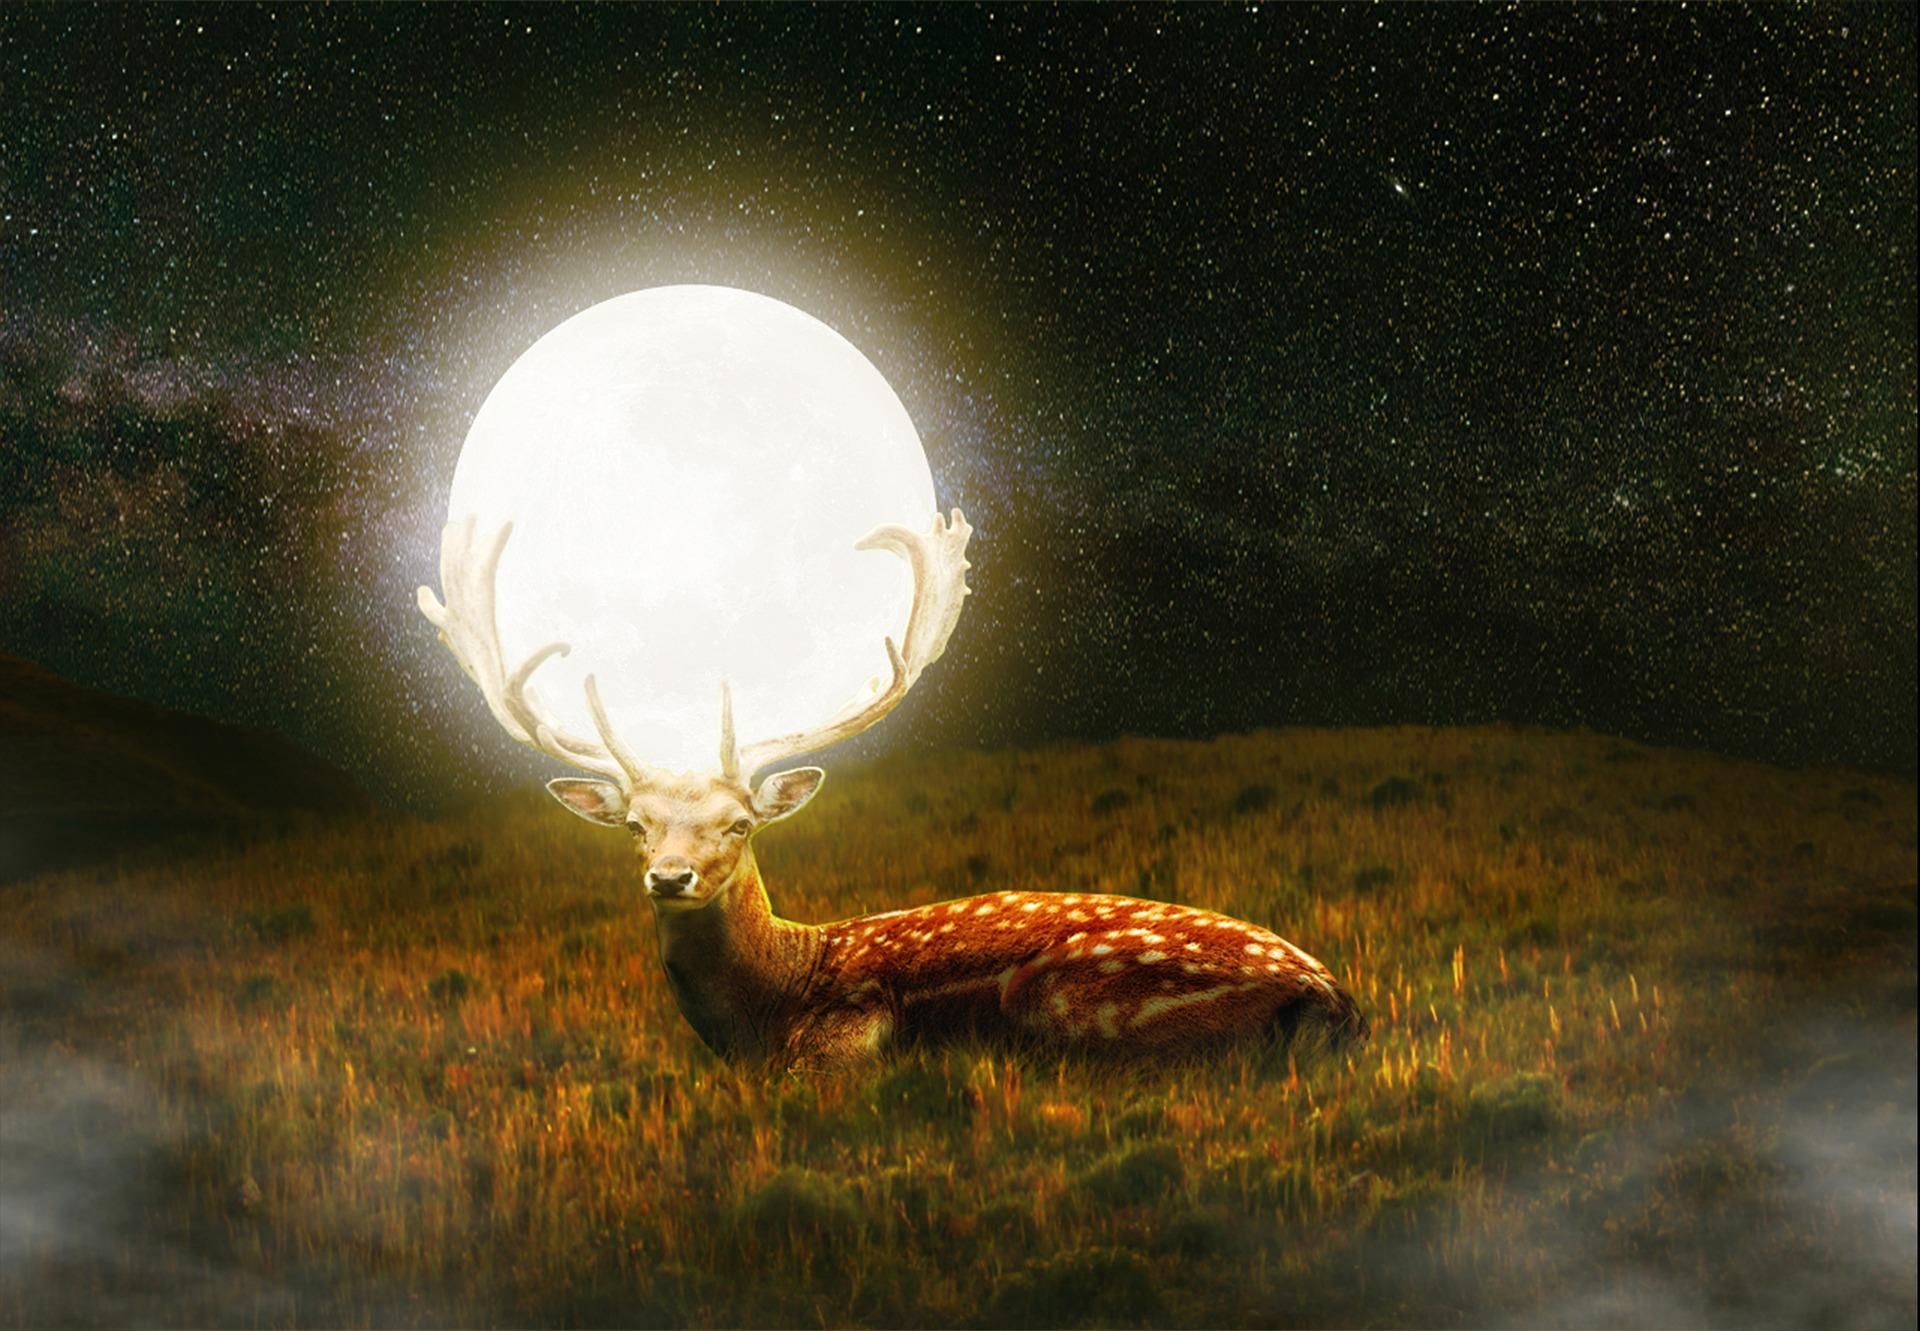 ハンターズムーンは秋の収穫を祝う満月|おすすめの待ち受け画像+パワーをもらえるおまじない&すべきこと